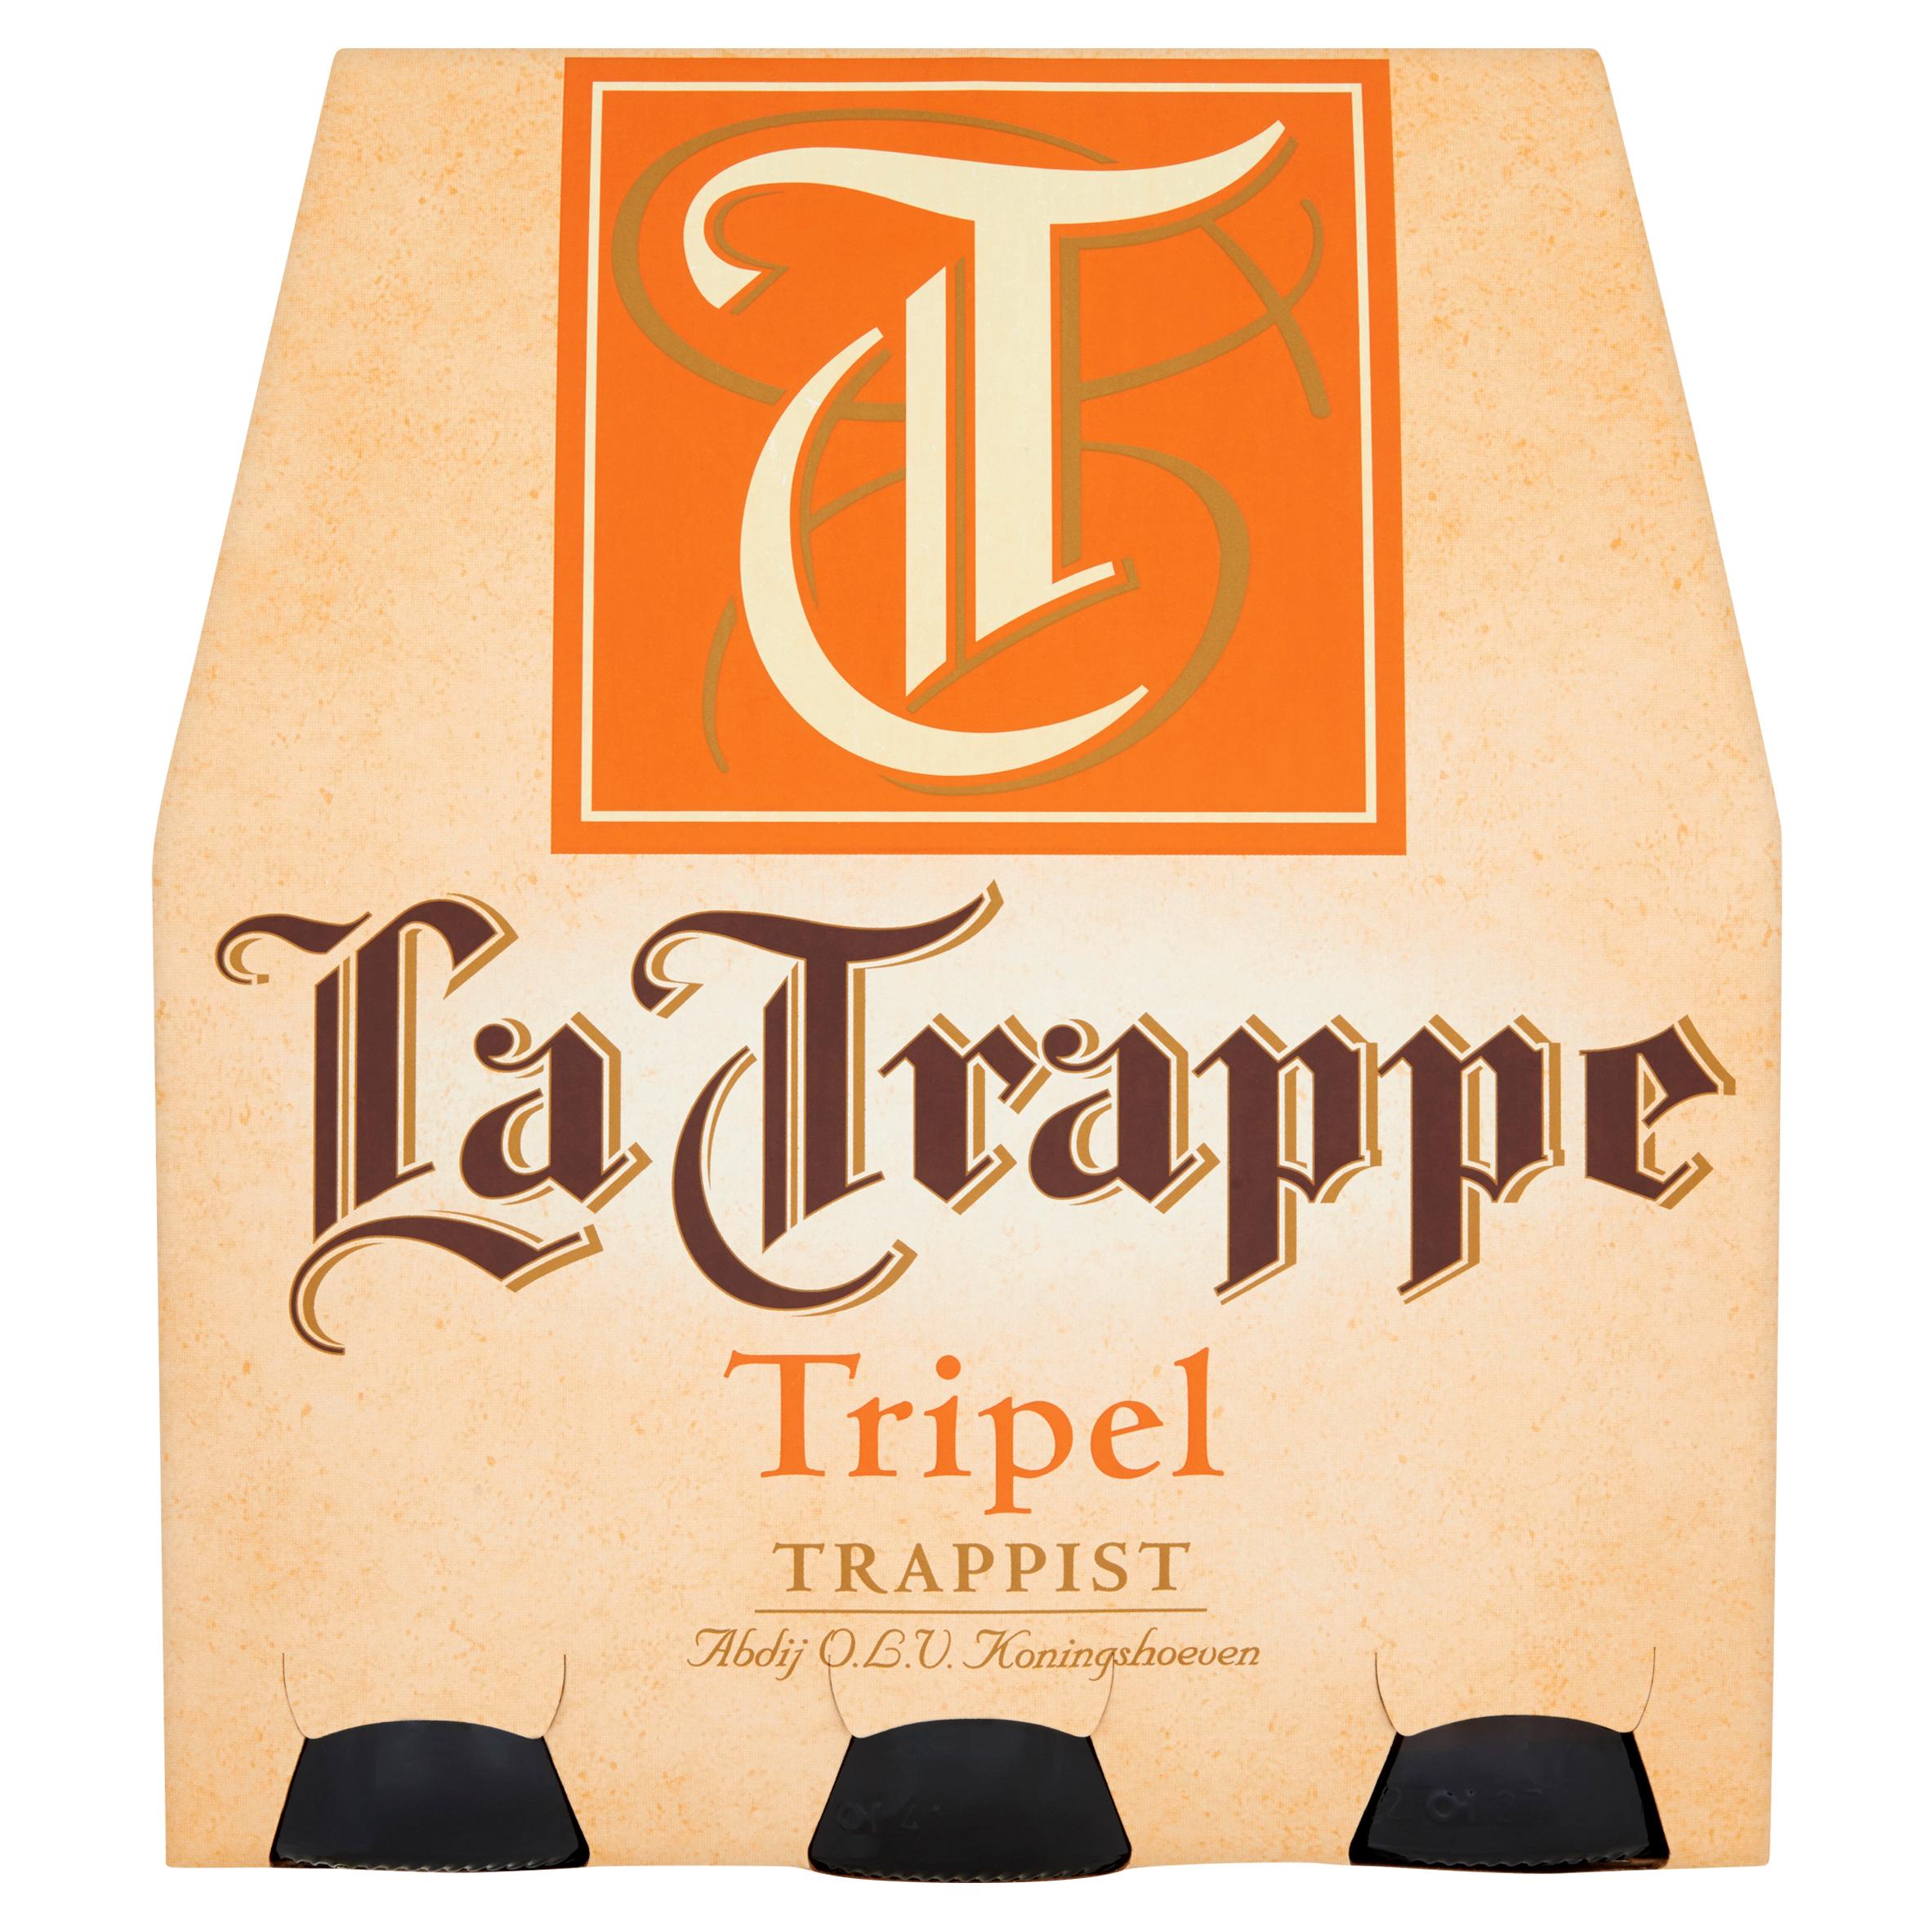 La Trappe Trappist Tripel Speciaalbier 6 x 30 cl